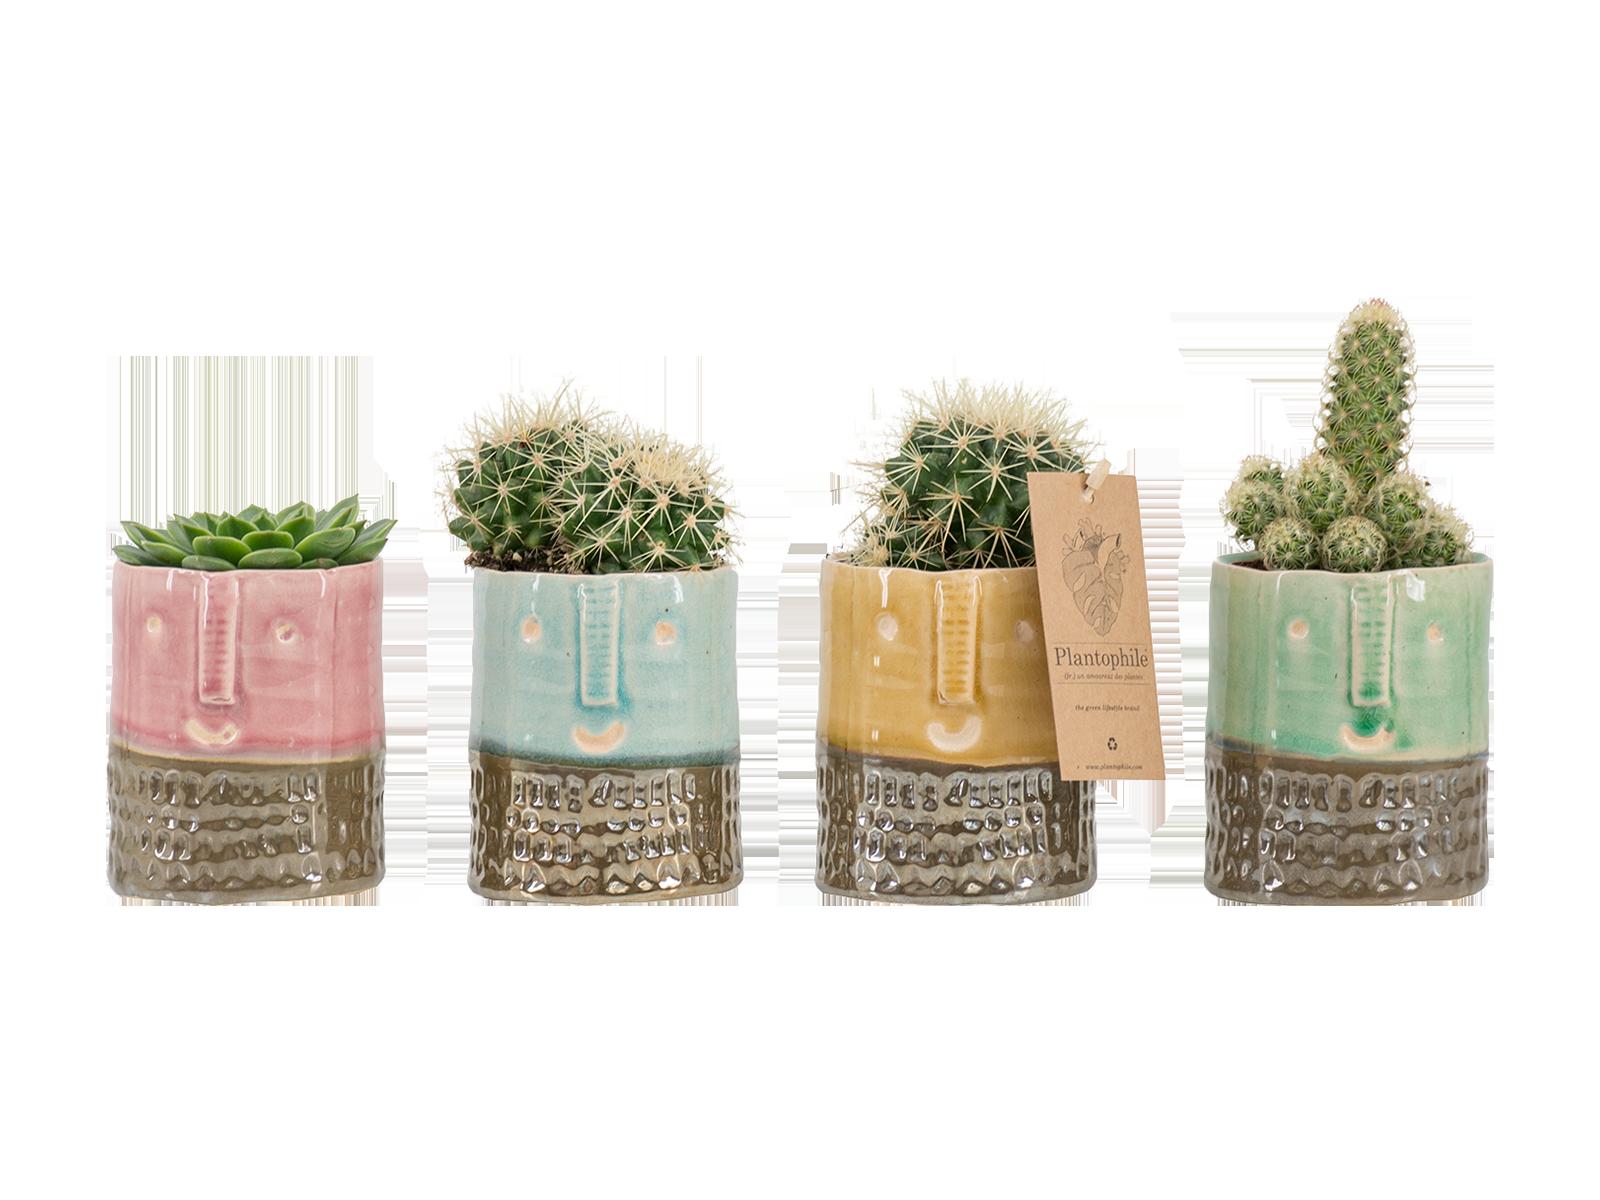 Face pots Yannique medium - design by Plantophile